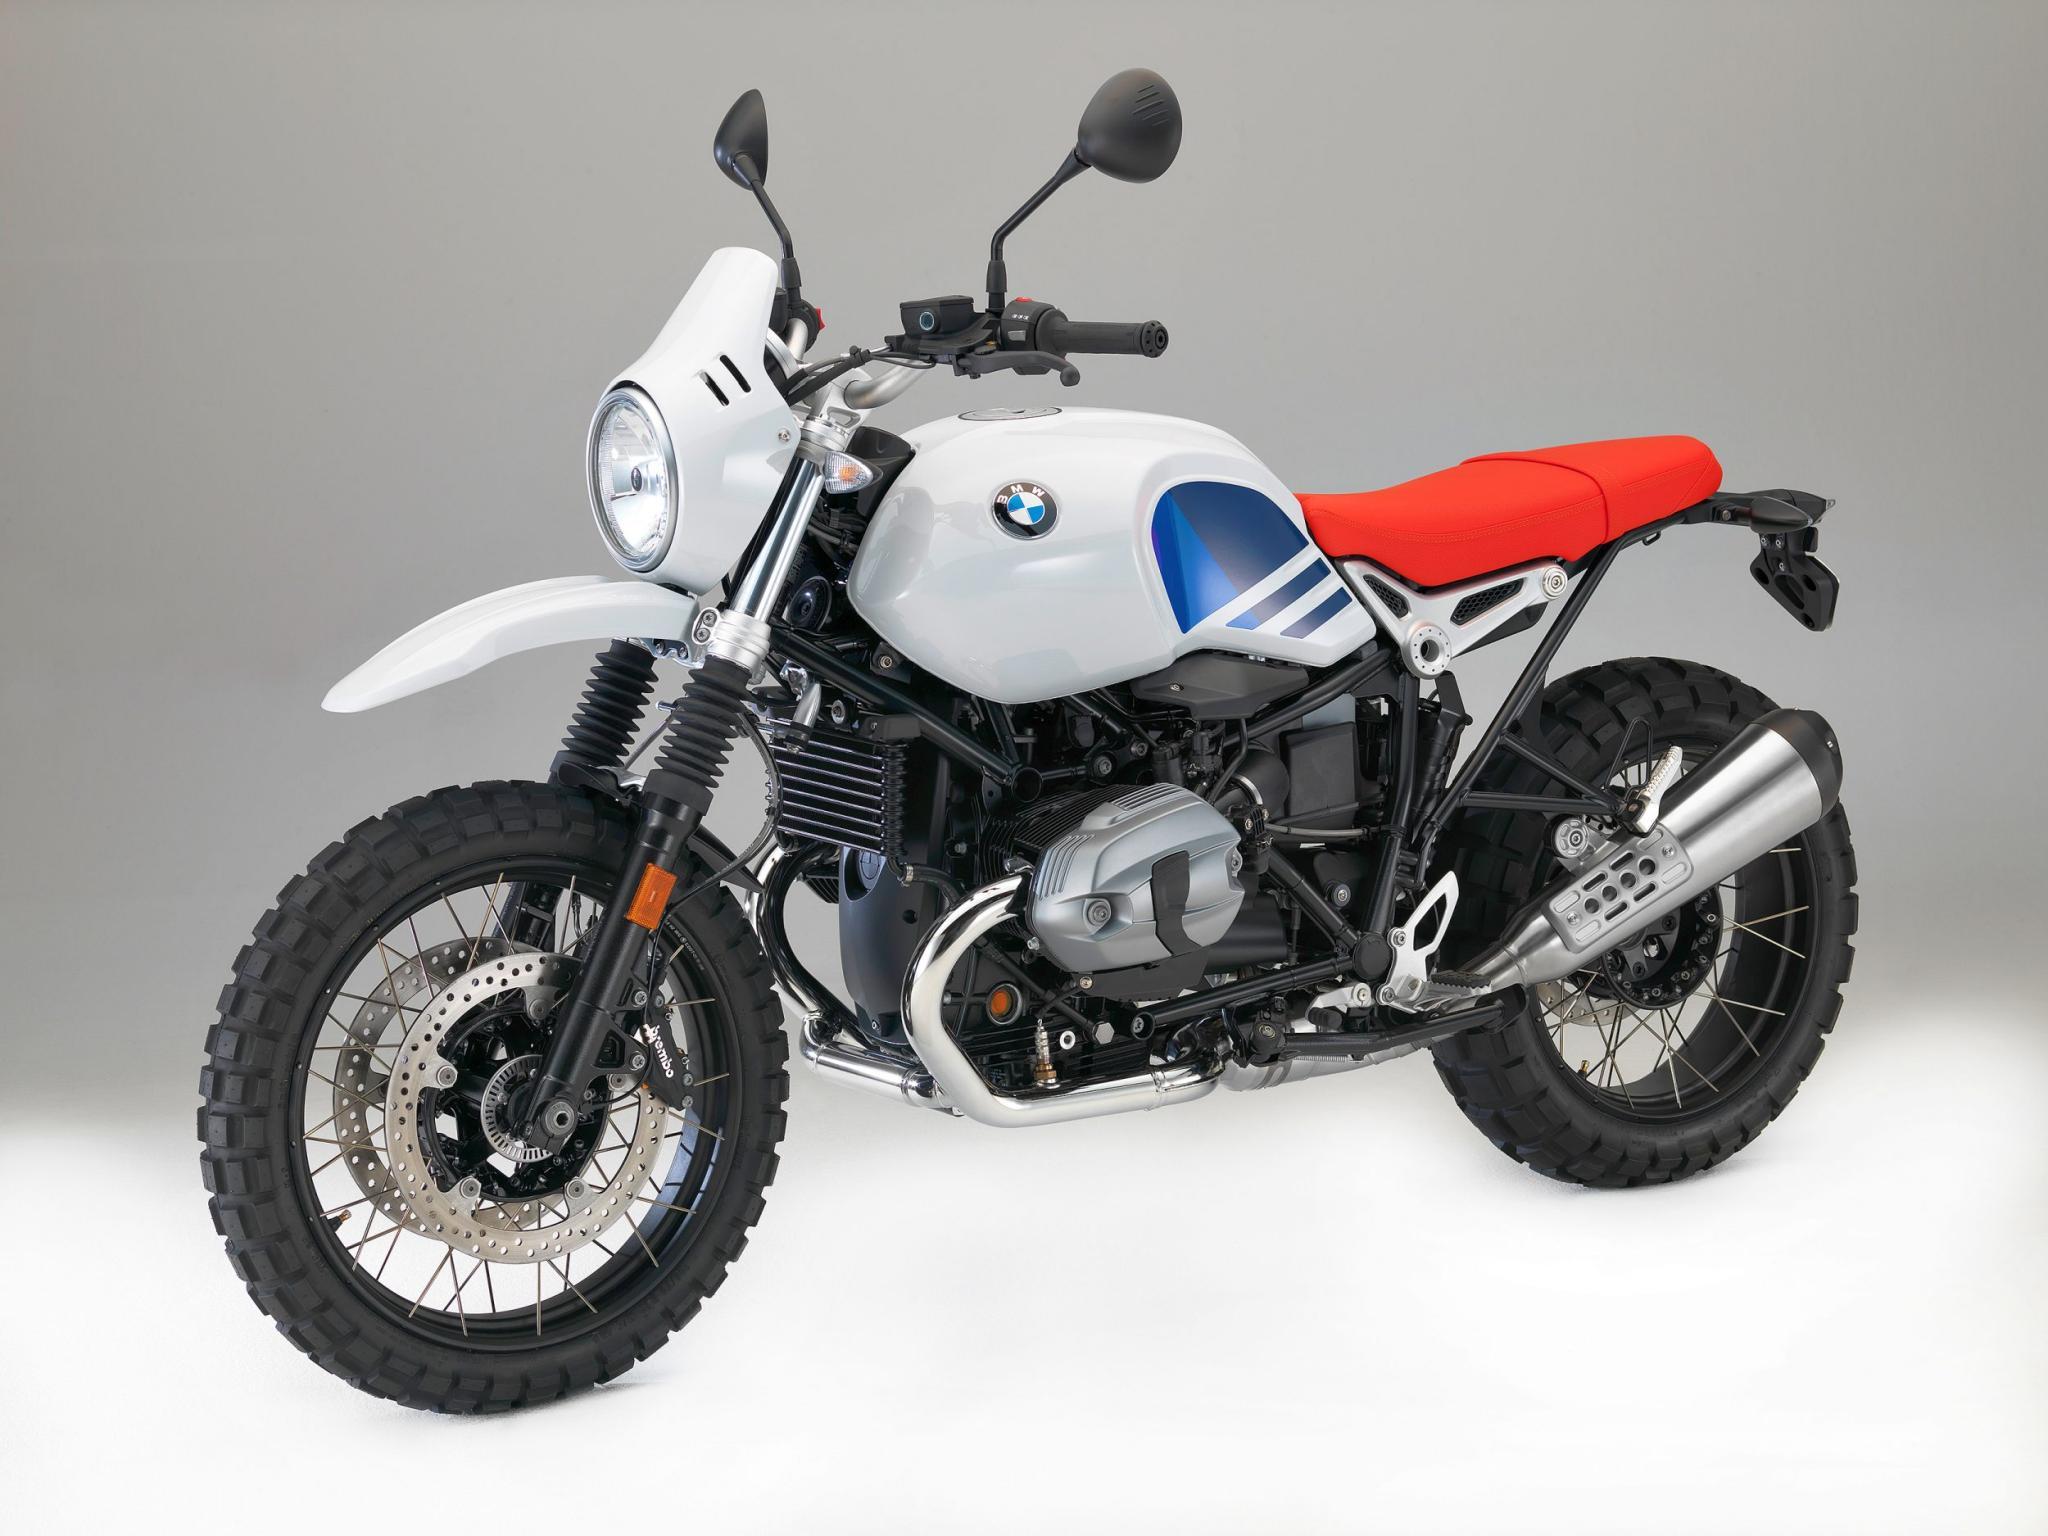 Bmw R Ninet Urban G S Motorrad Fotos Amp Motorrad Bilder